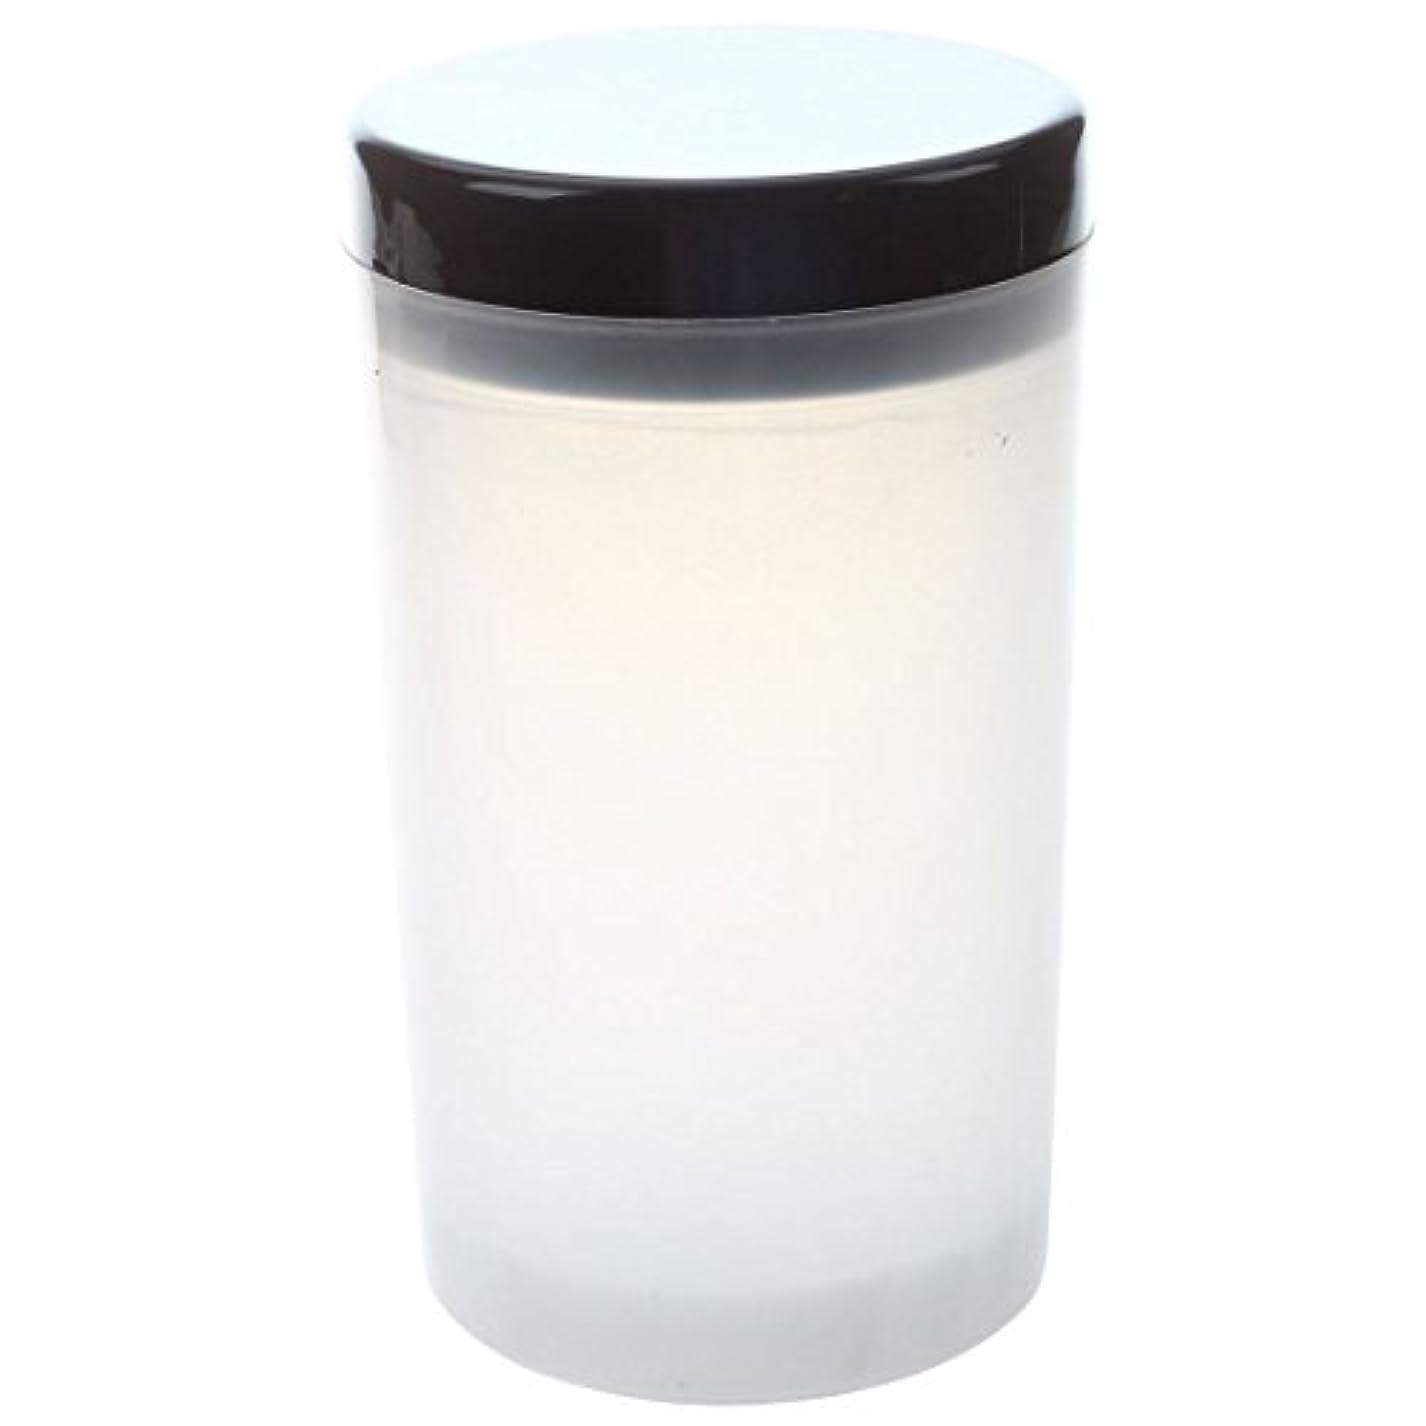 ガウンドルオープナーSODIAL ネイルアートチップブラシホルダー リムーバーカップカップ浸漬ブラシ クリーナーボトル